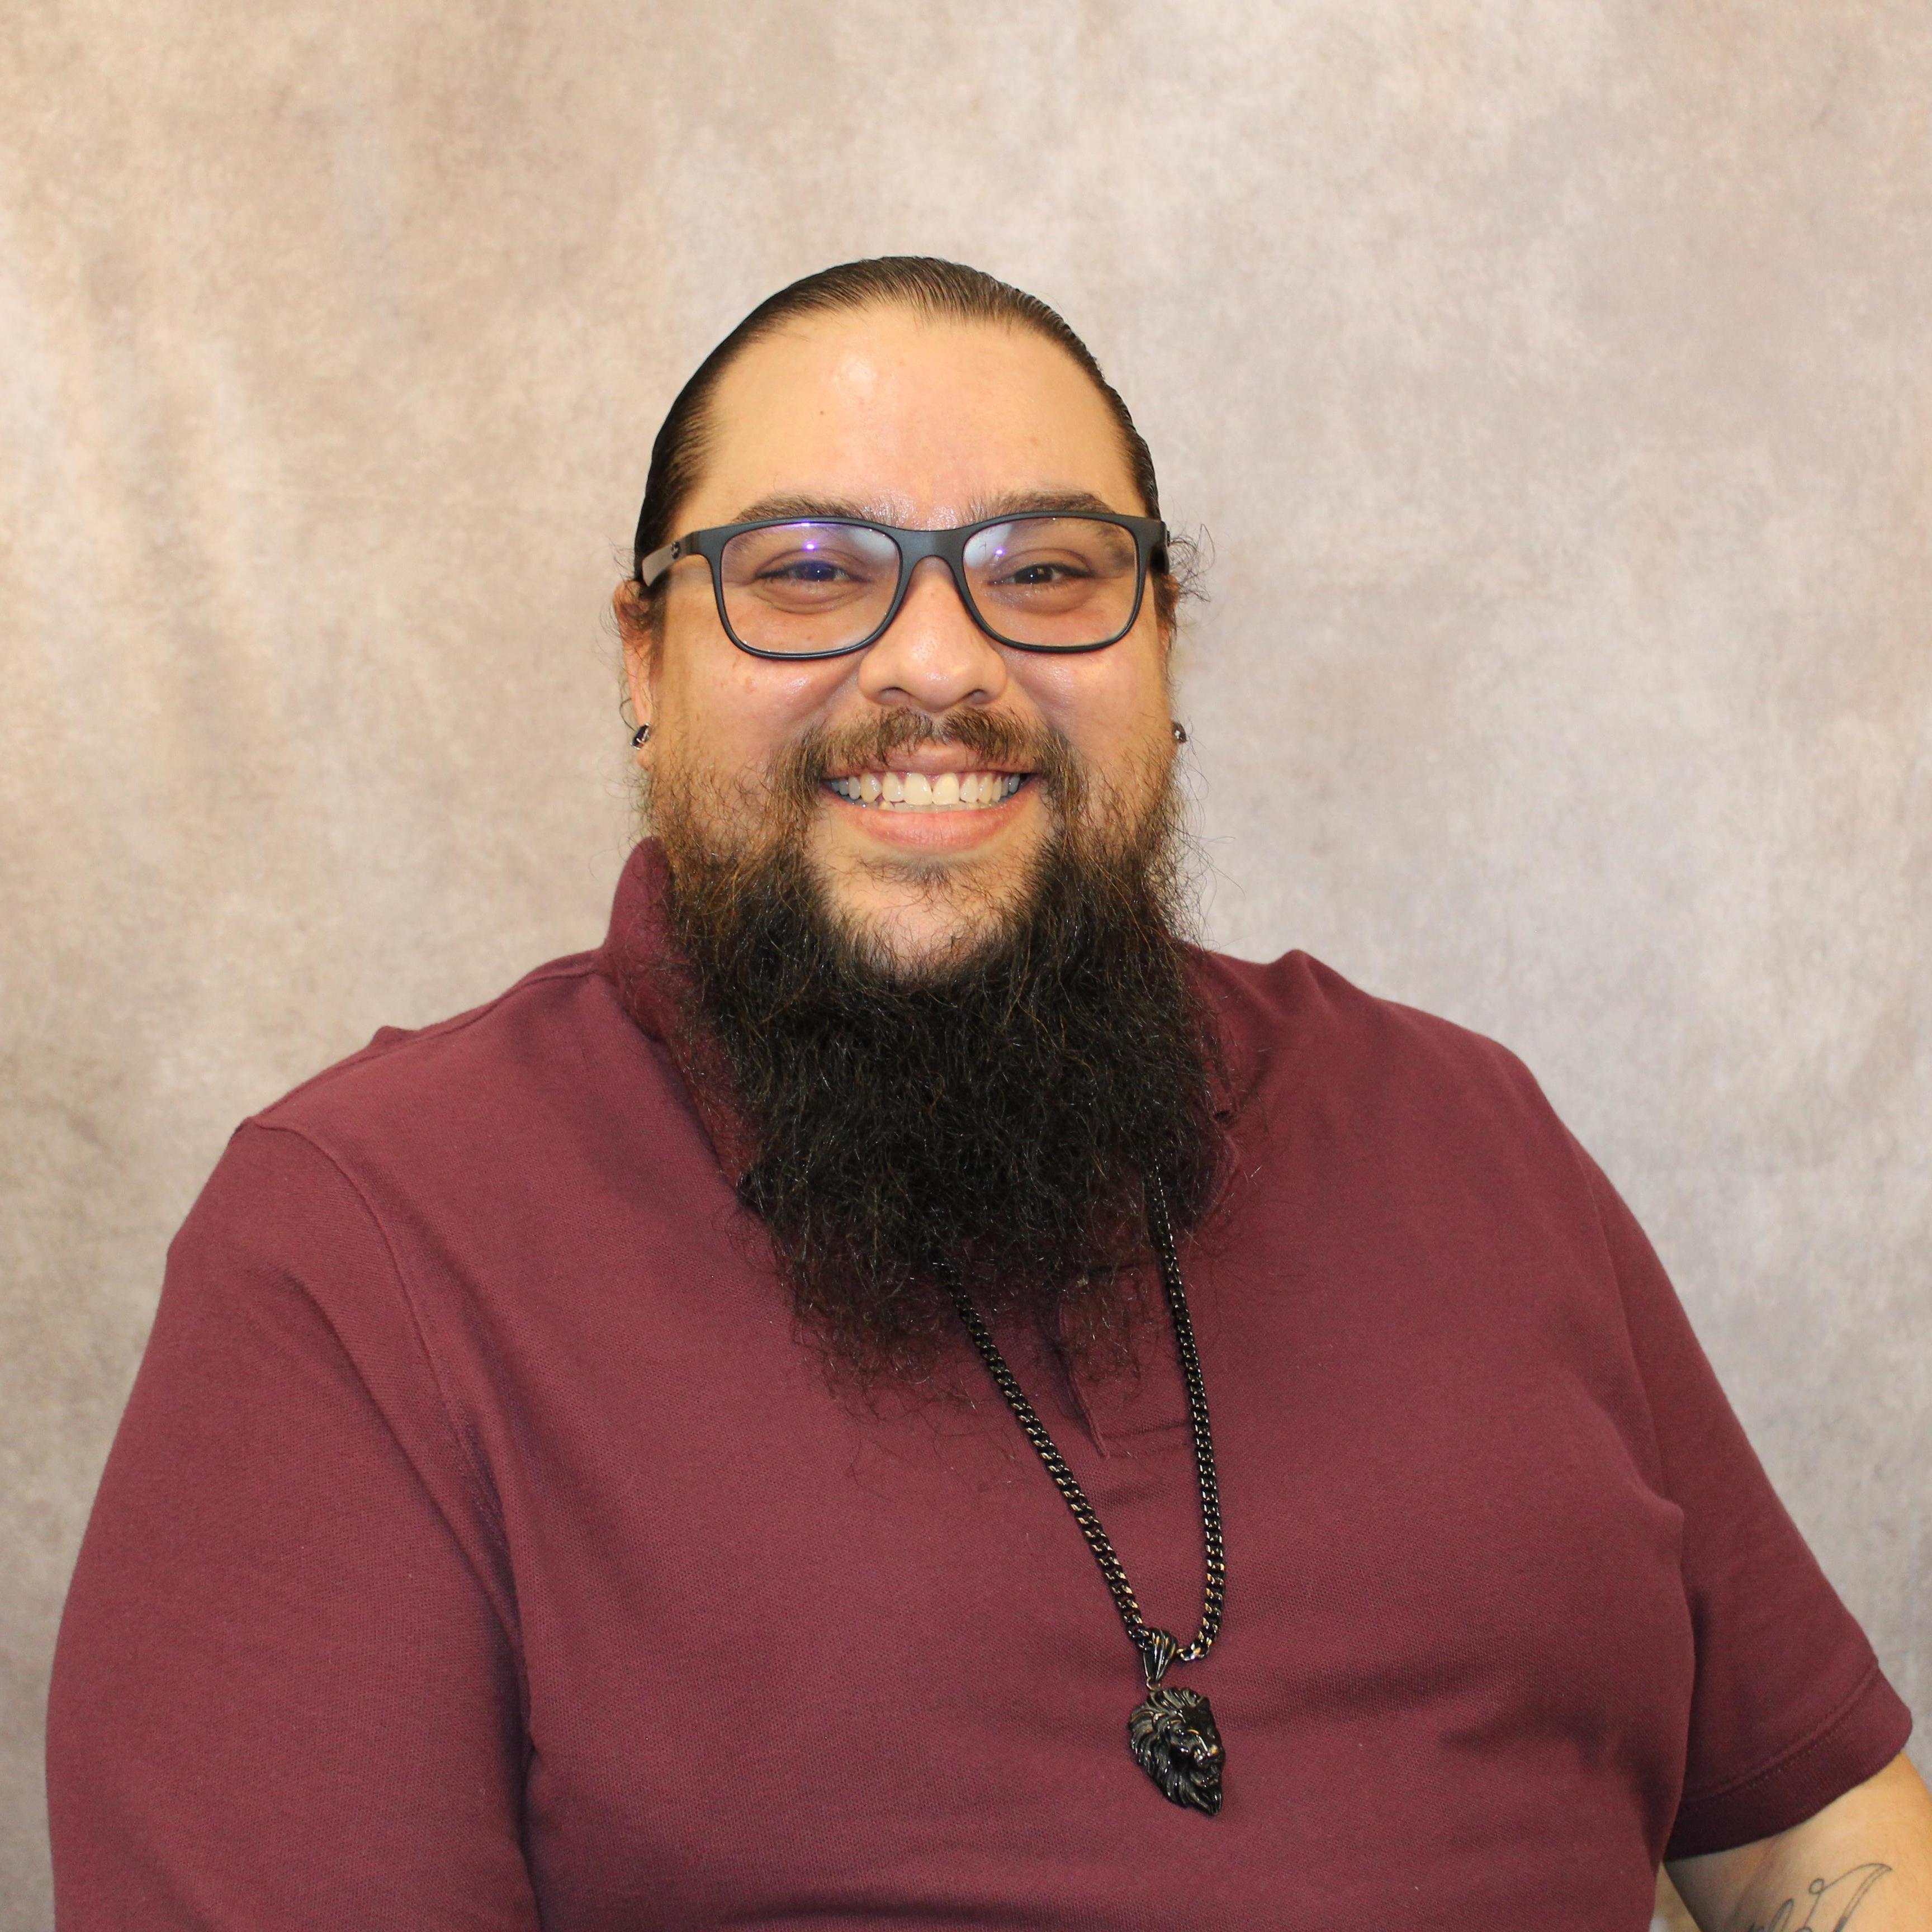 Tony Guerra's Profile Photo